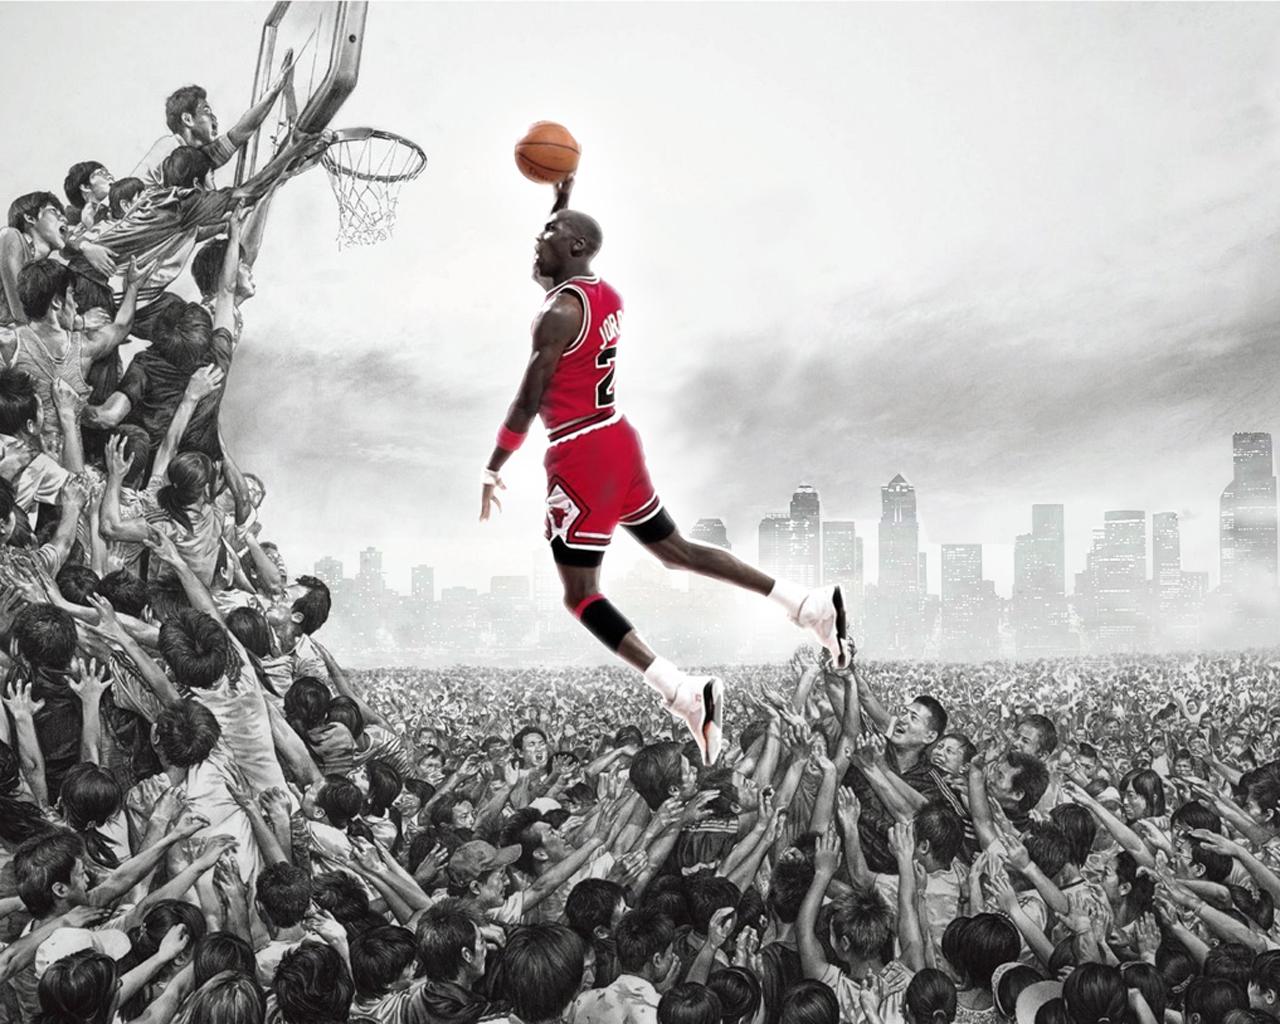 Michael jordan iphone wallpaper tumblr - Jordan23 Shoes